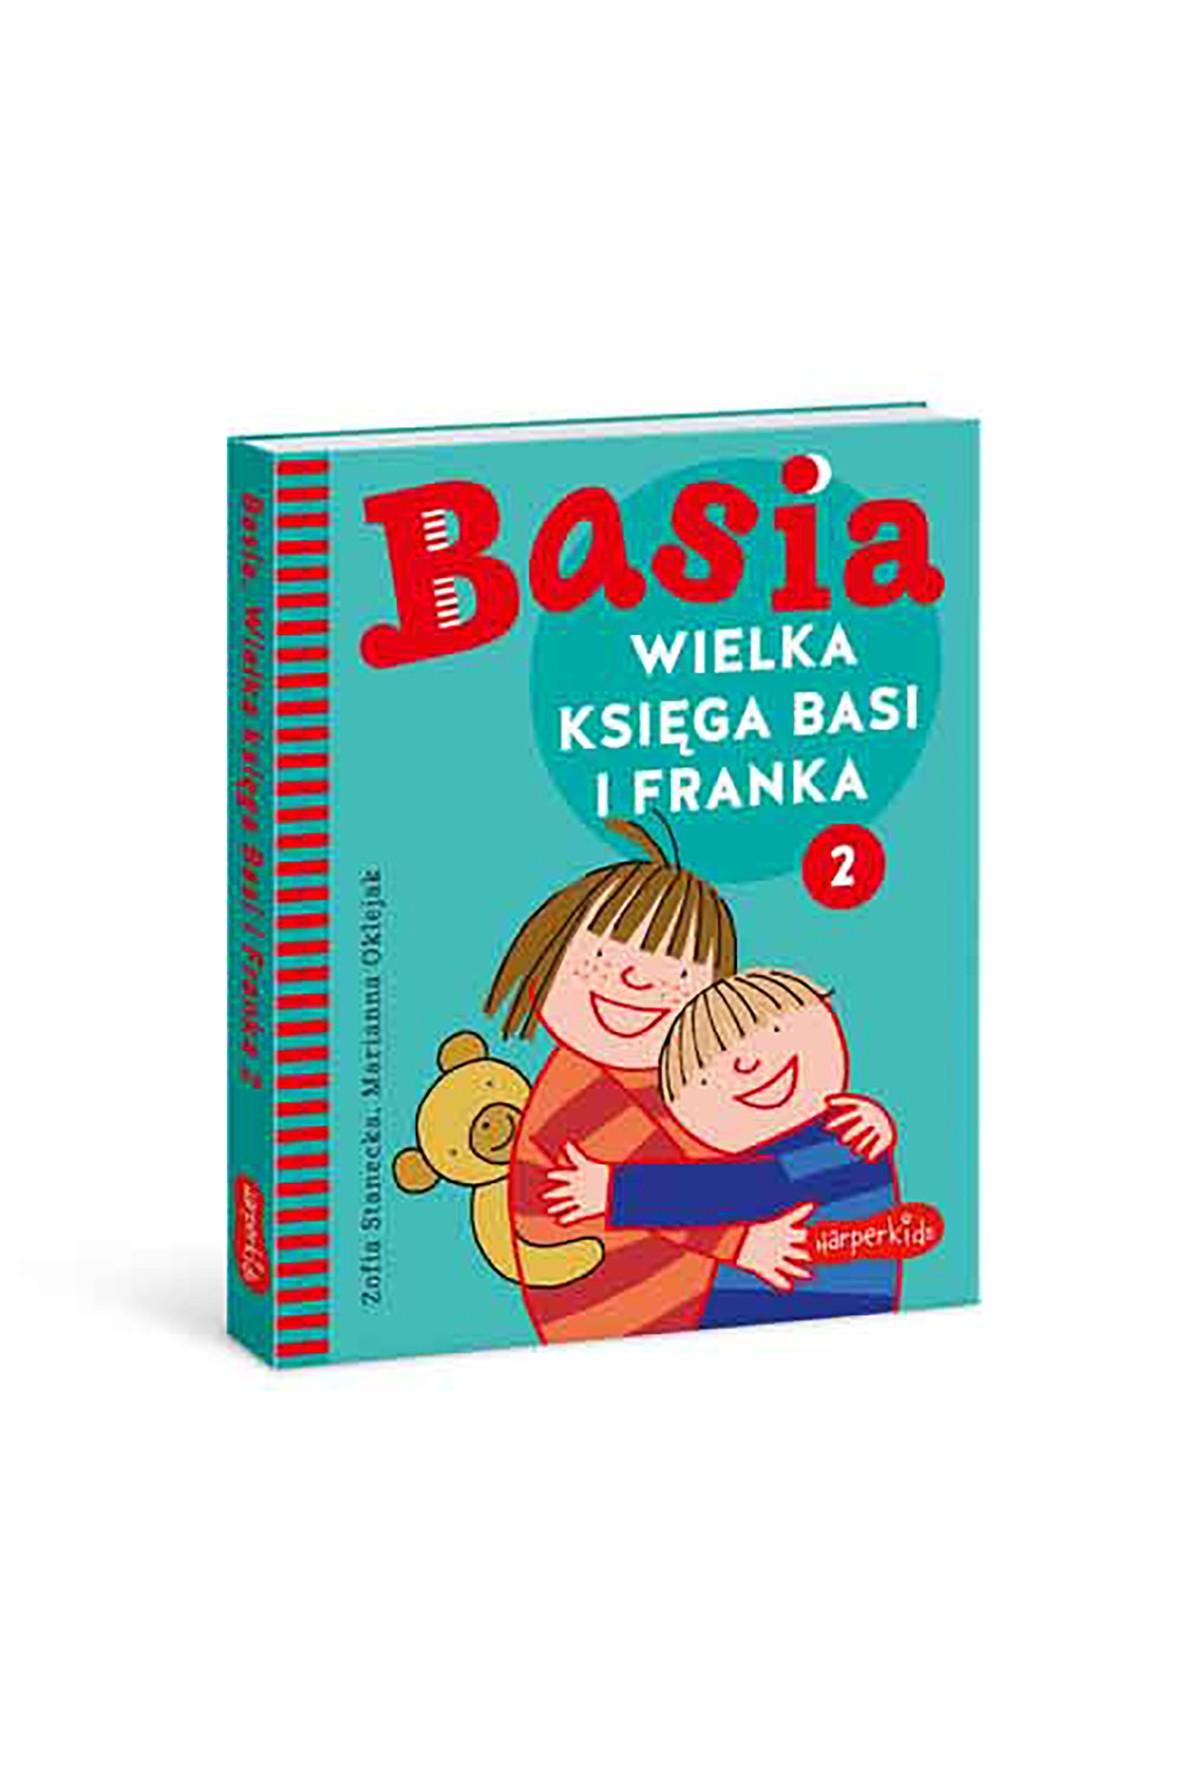 Wielka Księga Basi I Franka 2 - książka dla dzieci-